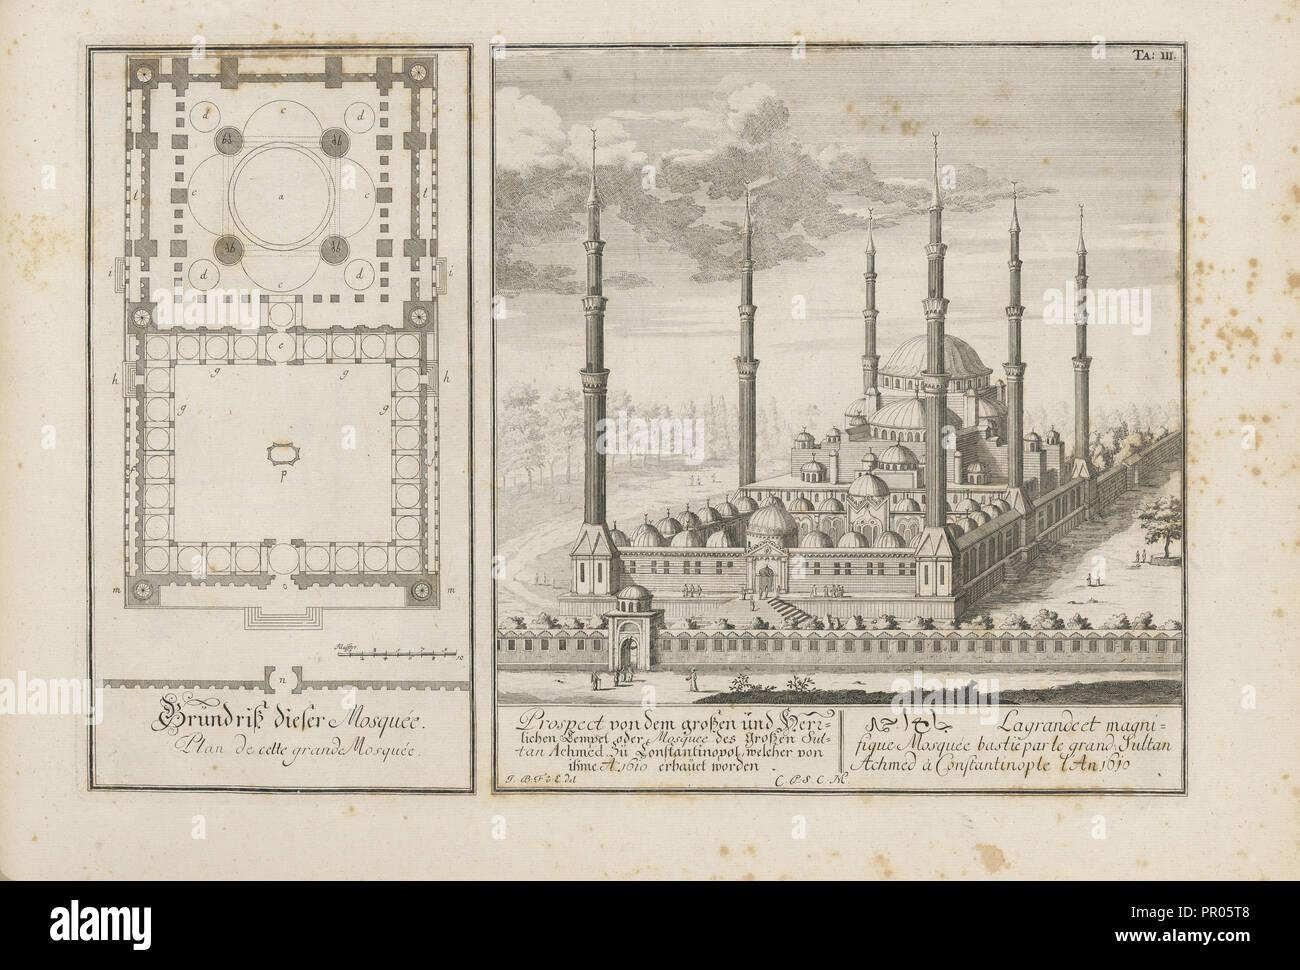 Aussicht von dem grossen und herrlichen Tempel oder Mosquee des Grossen Sultan Achmed zu Constantinpol Stockbild